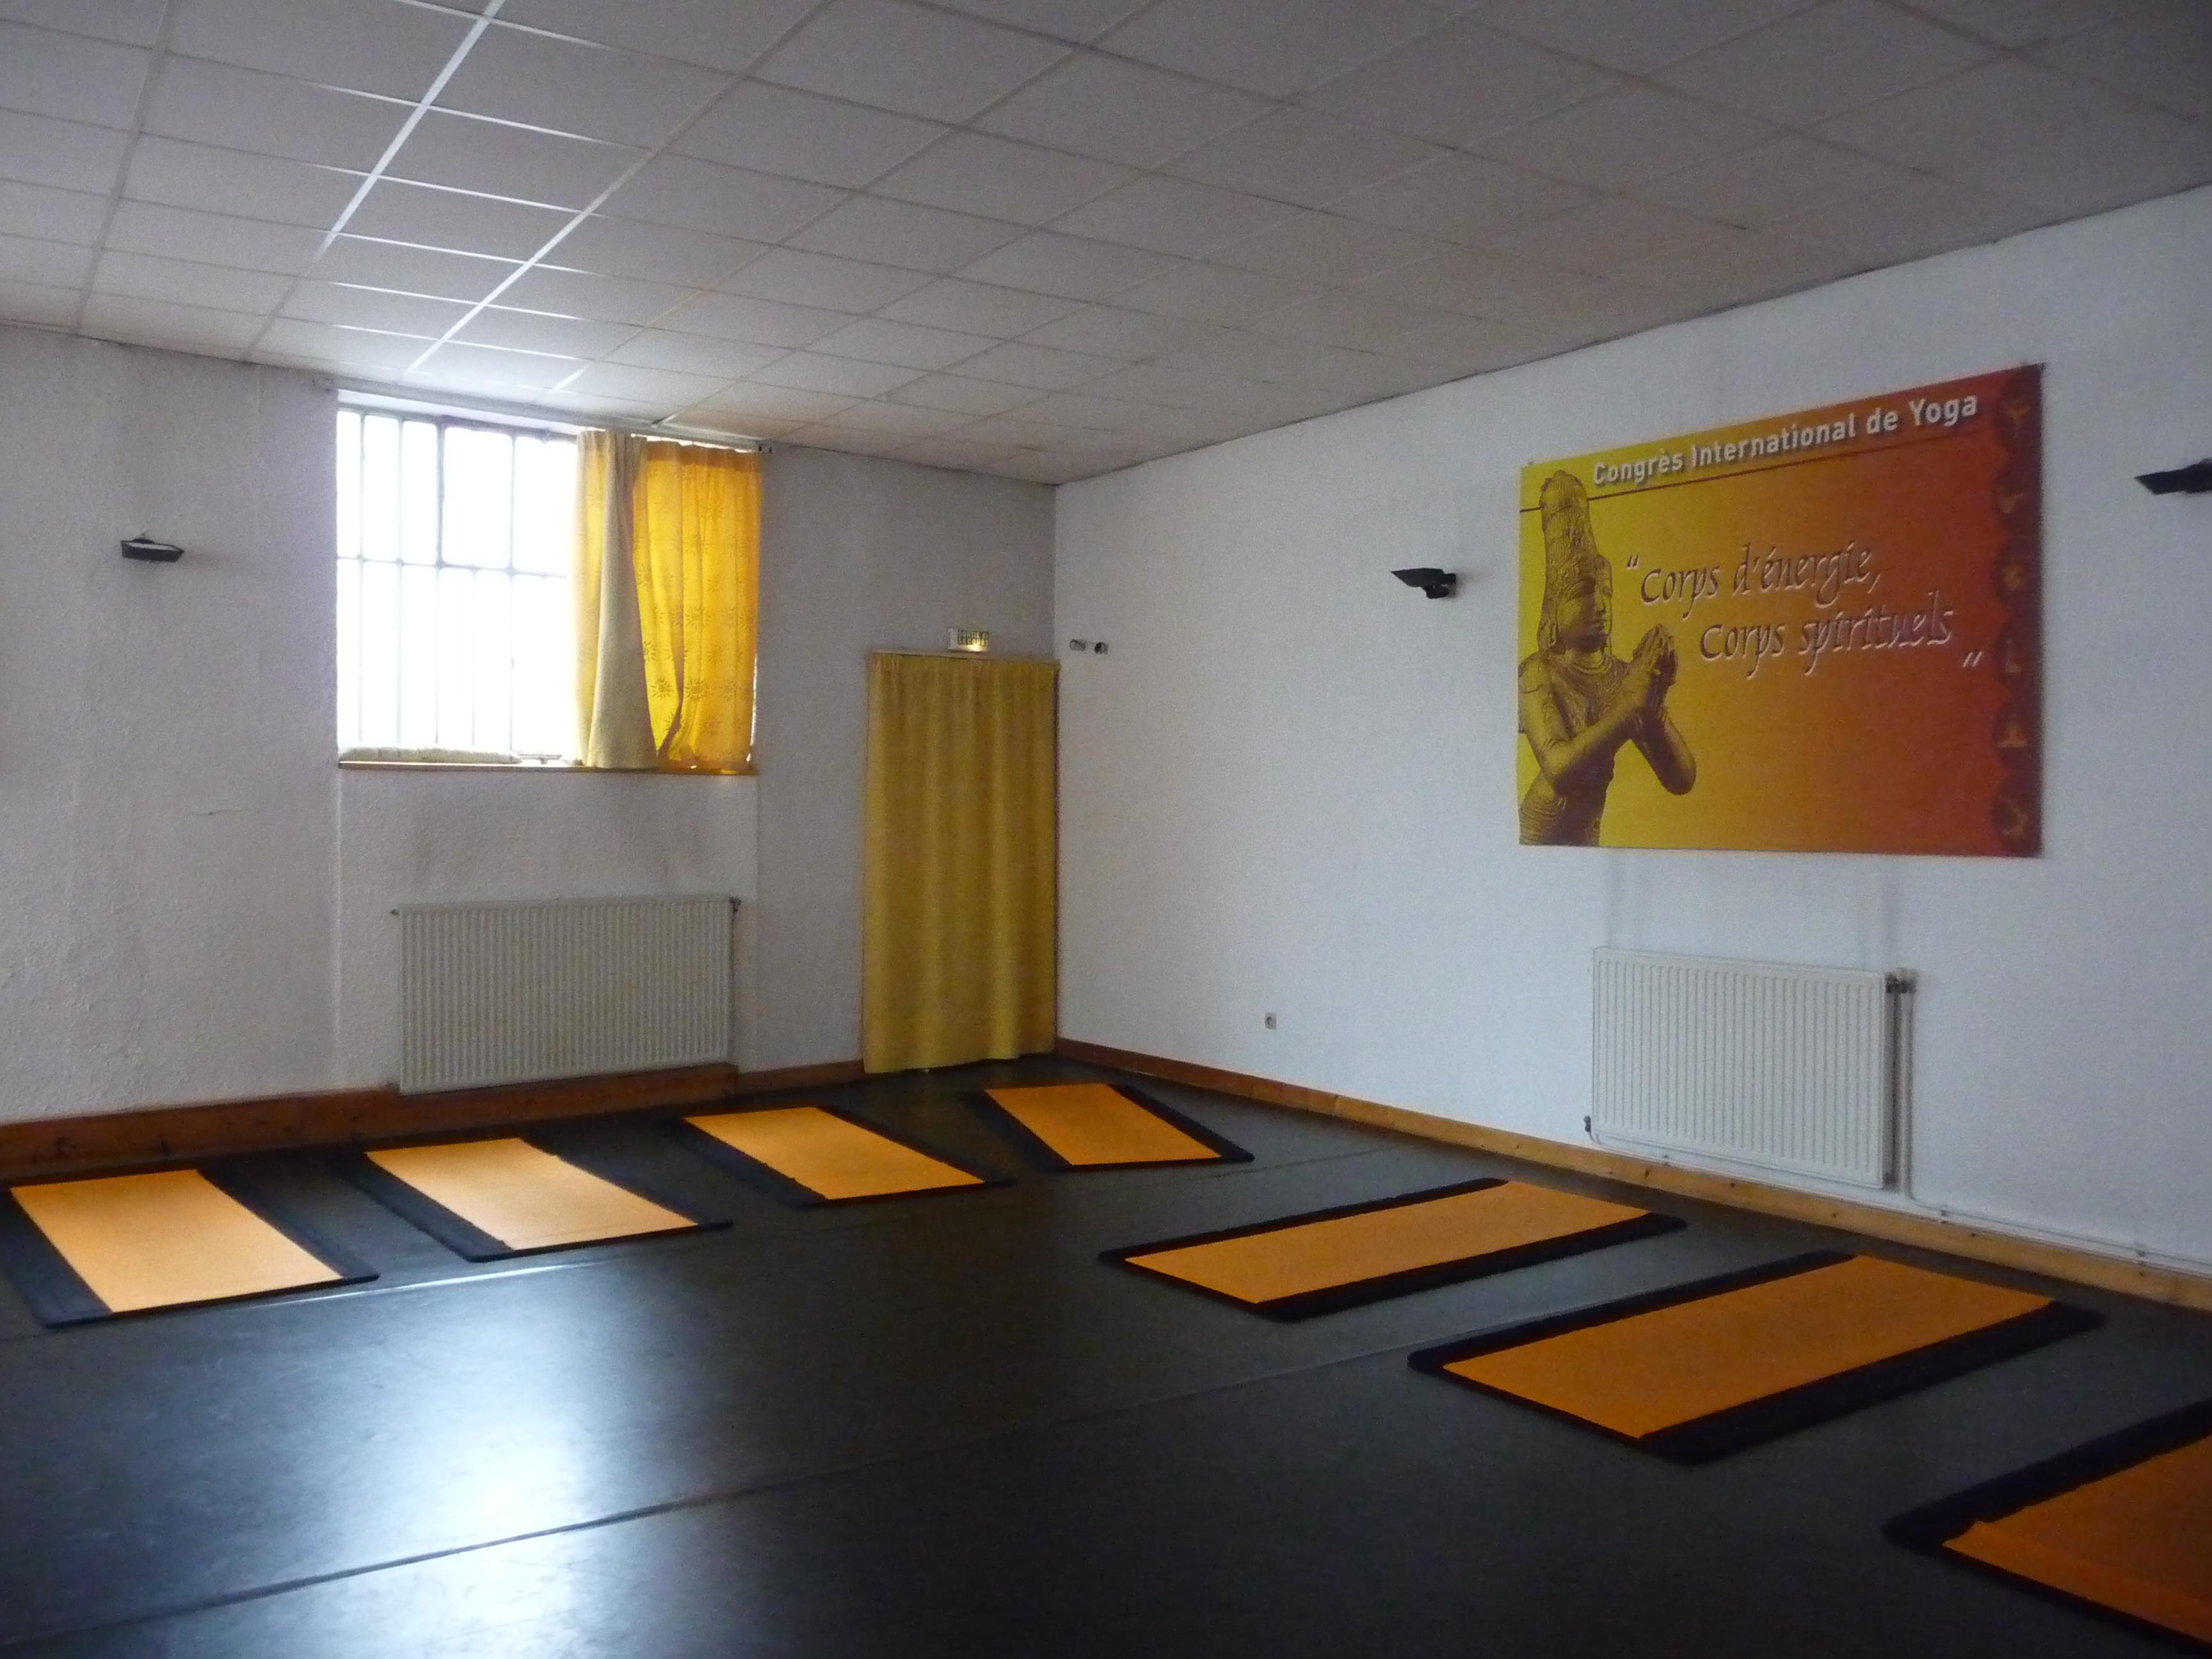 Cours de yoga à Valence